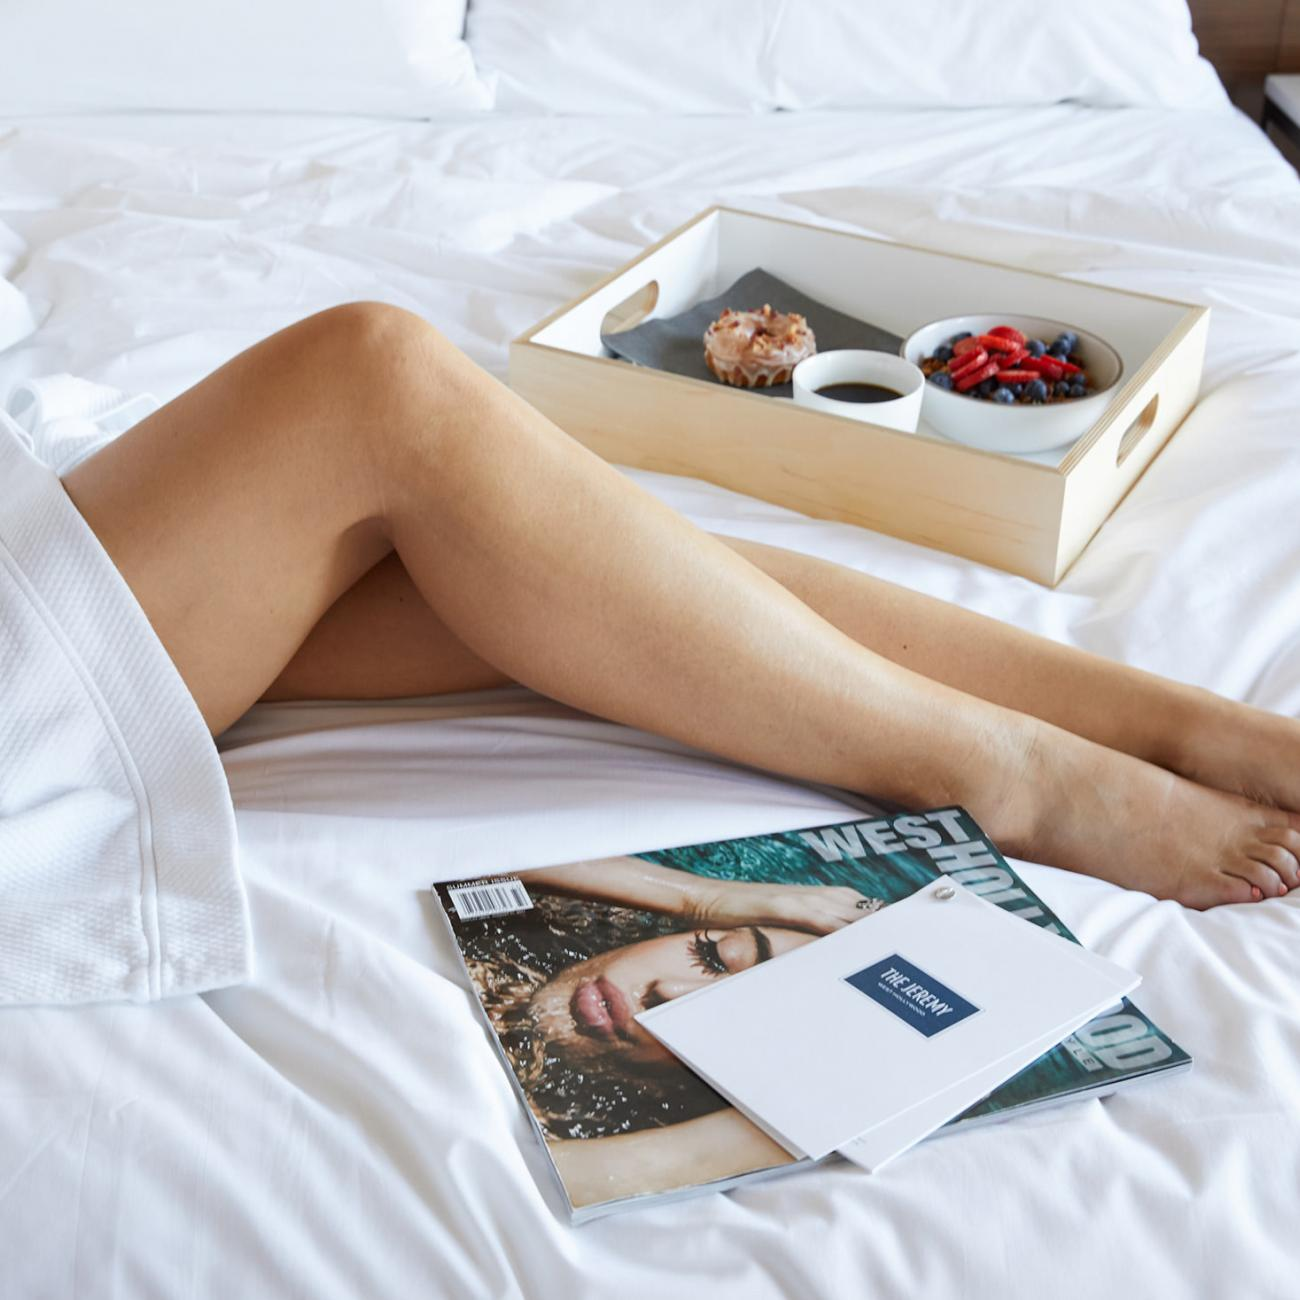 A woman in a bathrobe having breakfast in bed